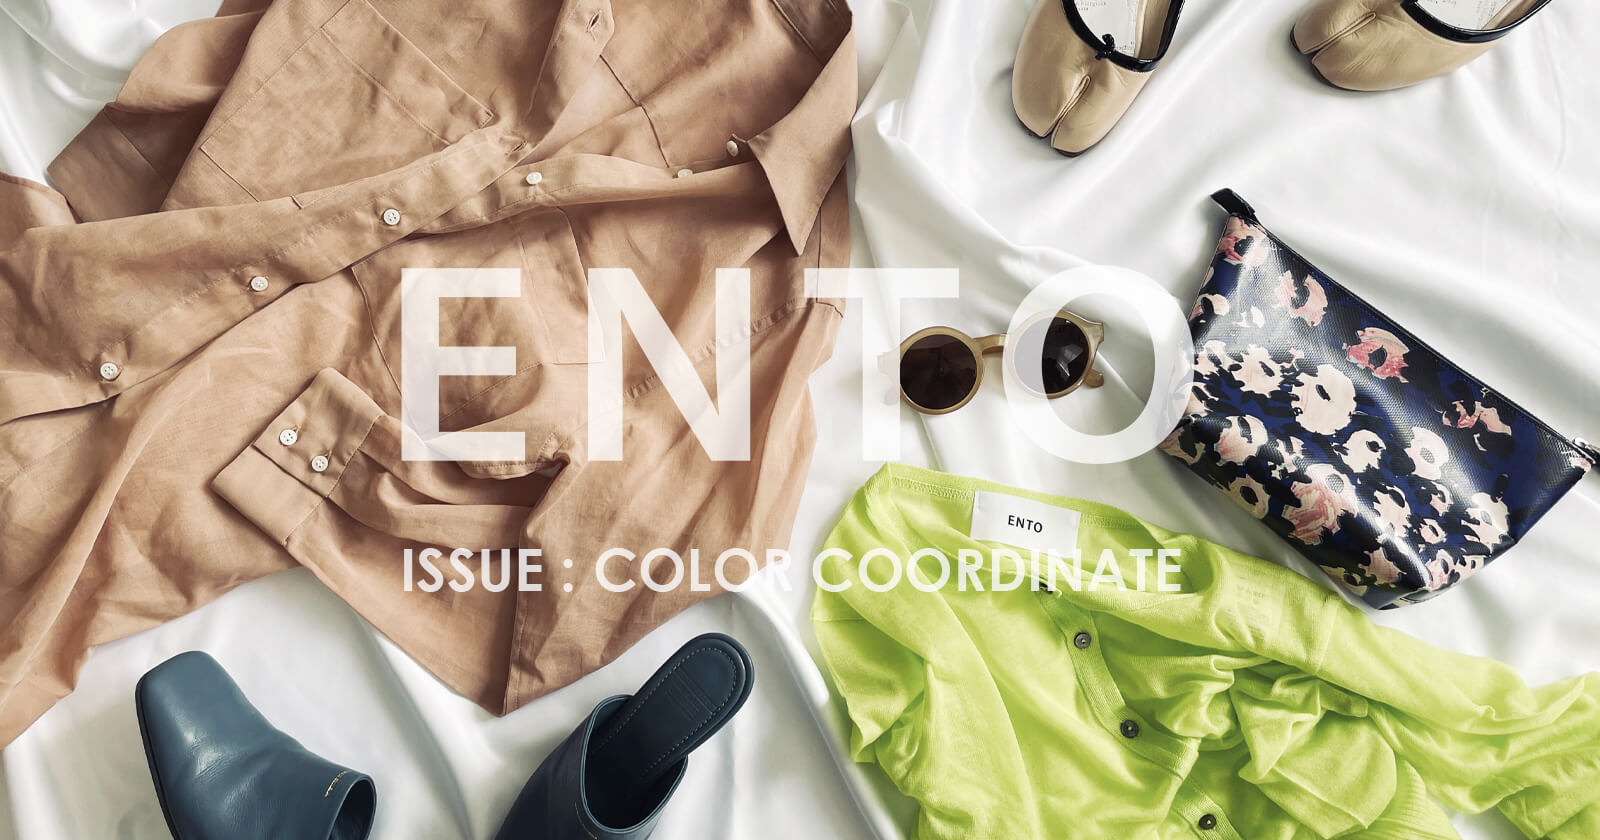 レディースファッションブランドENTO2021春夏着回しカラーを取り入れて毎日ハッピーに!気分を変えるENTOの色別の着こなしをご紹介